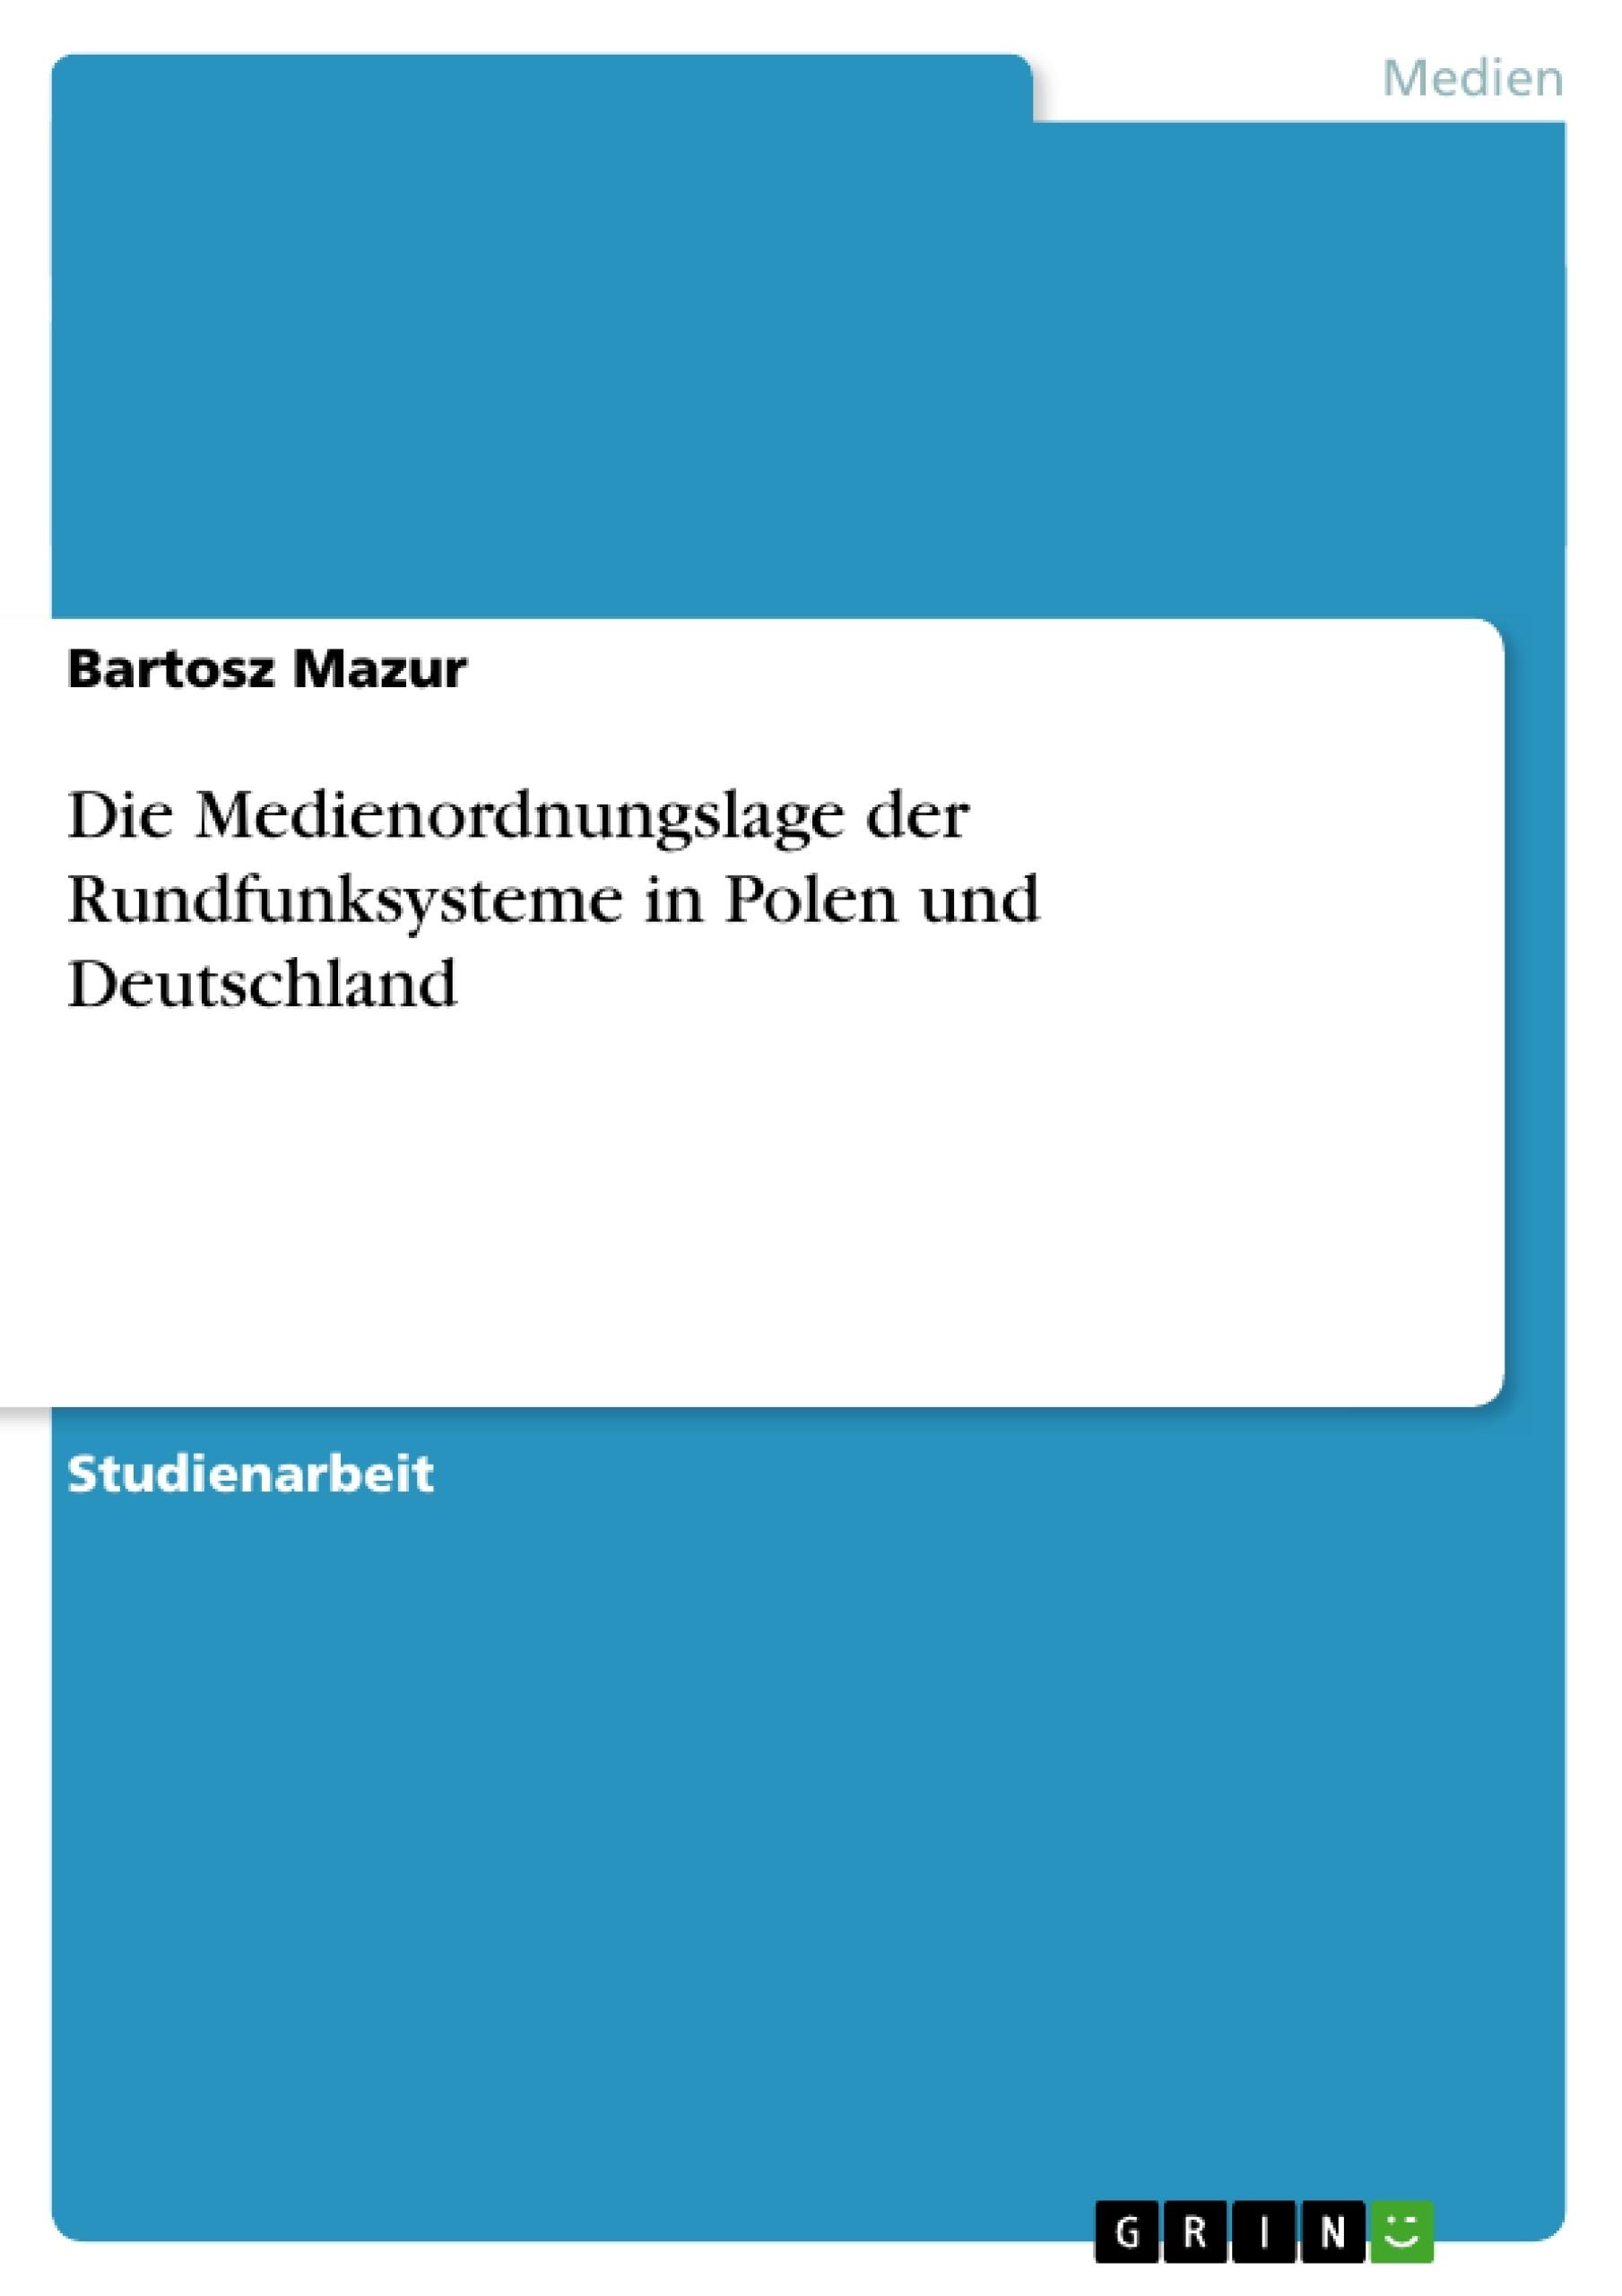 Titel: Die Medienordnungslage der Rundfunksysteme in Polen und Deutschland